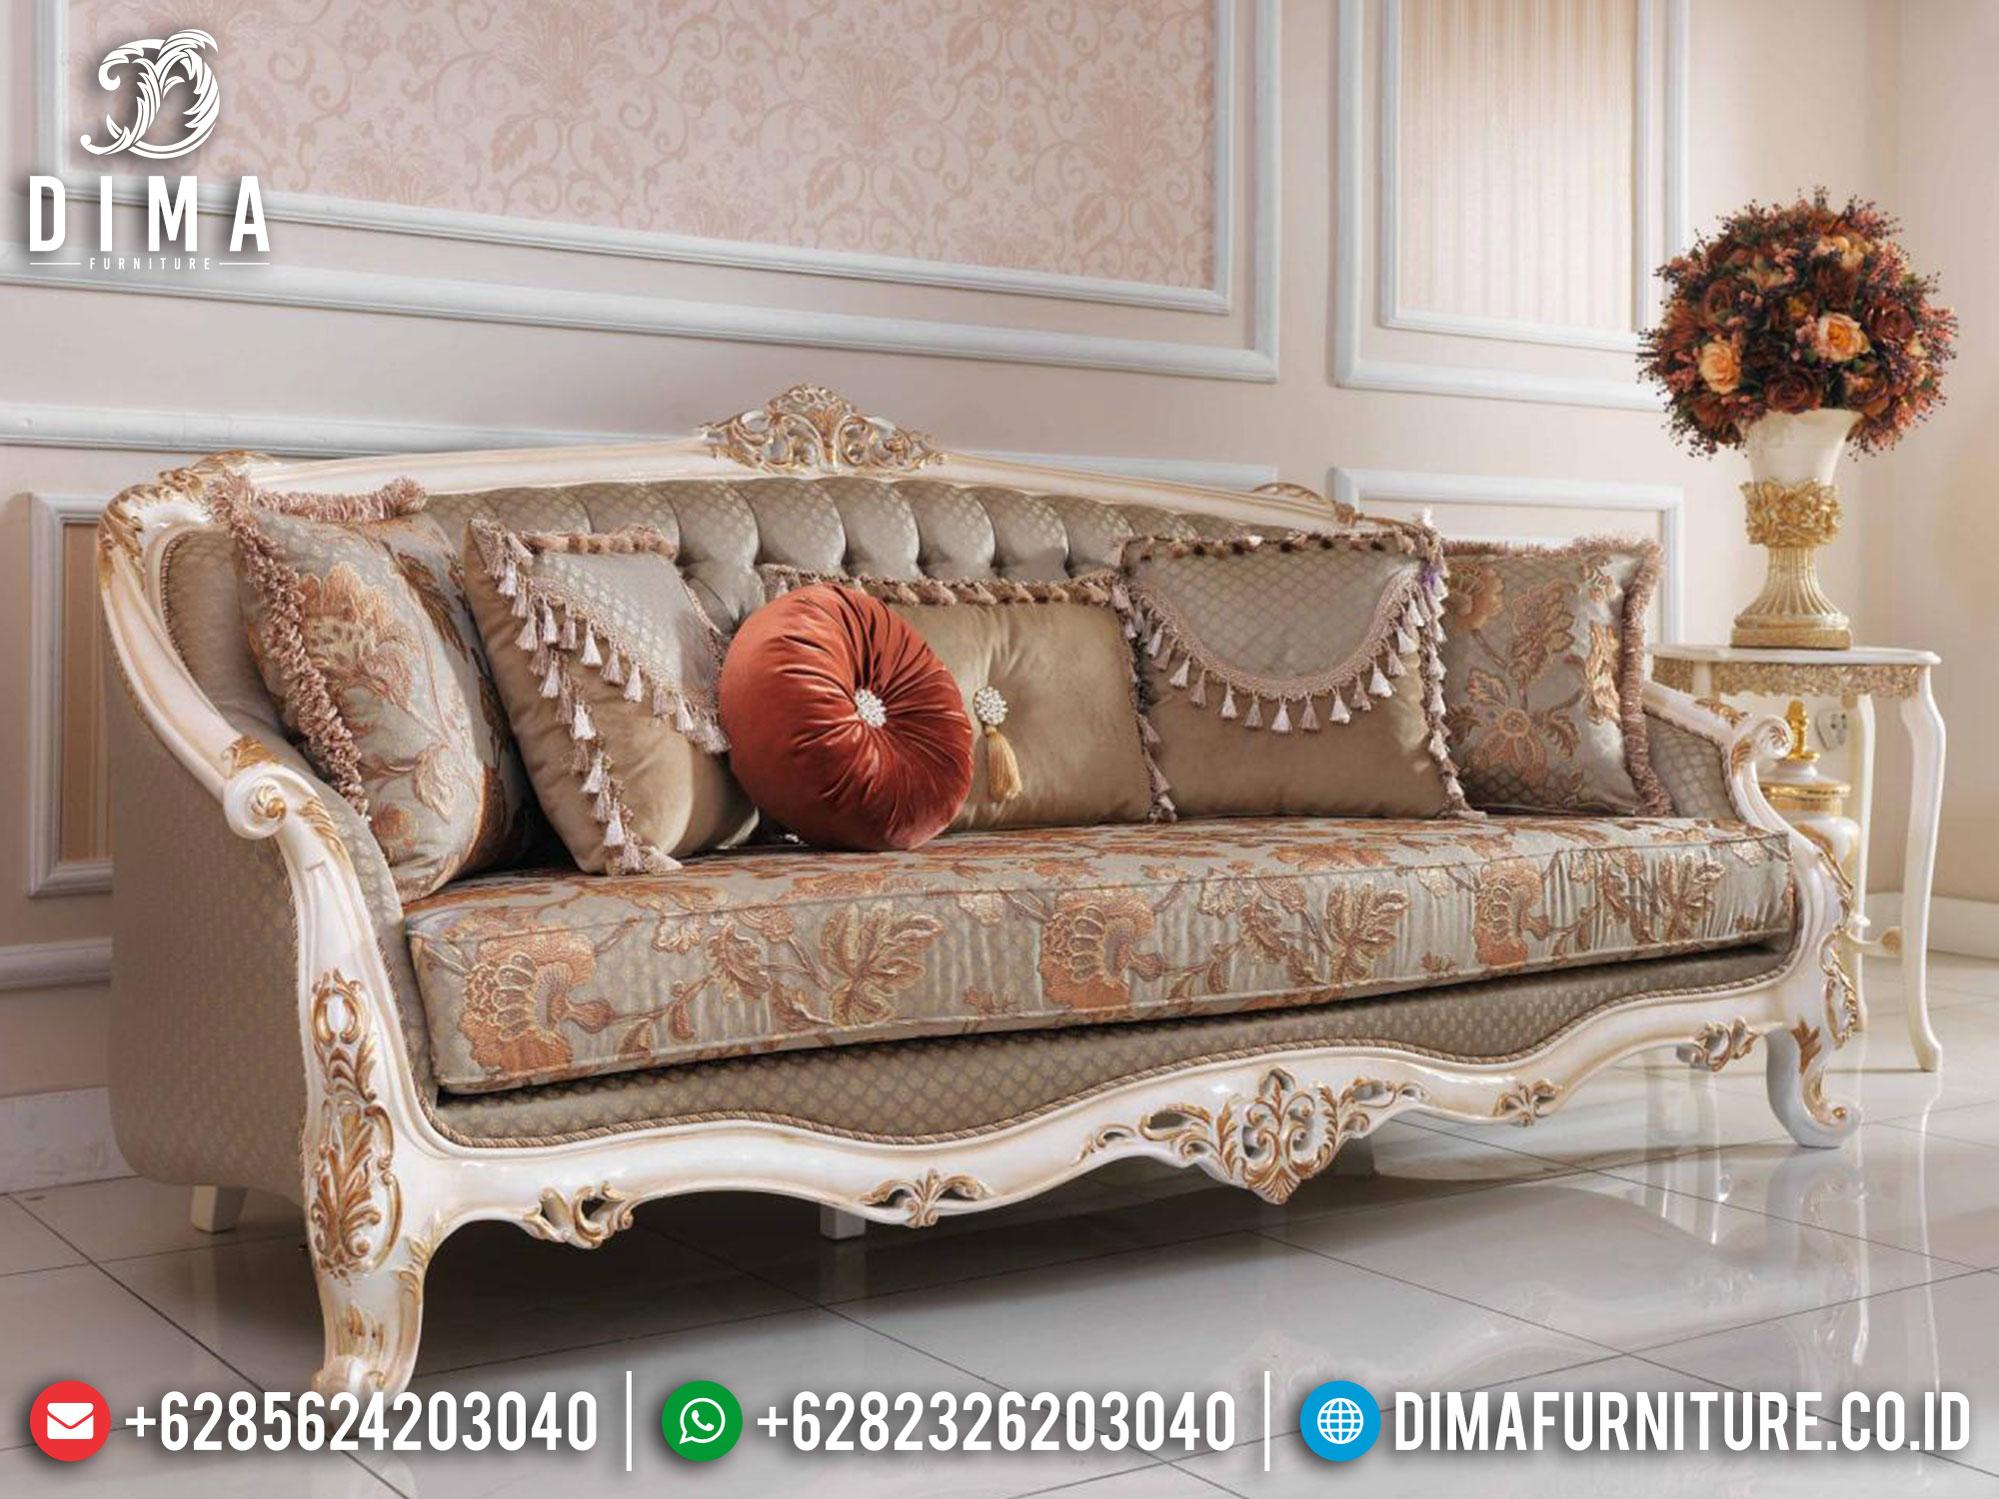 Set Sofa Tamu Mewah Ukiran Jepara Ivory Gold Mila 2021 DF-1371